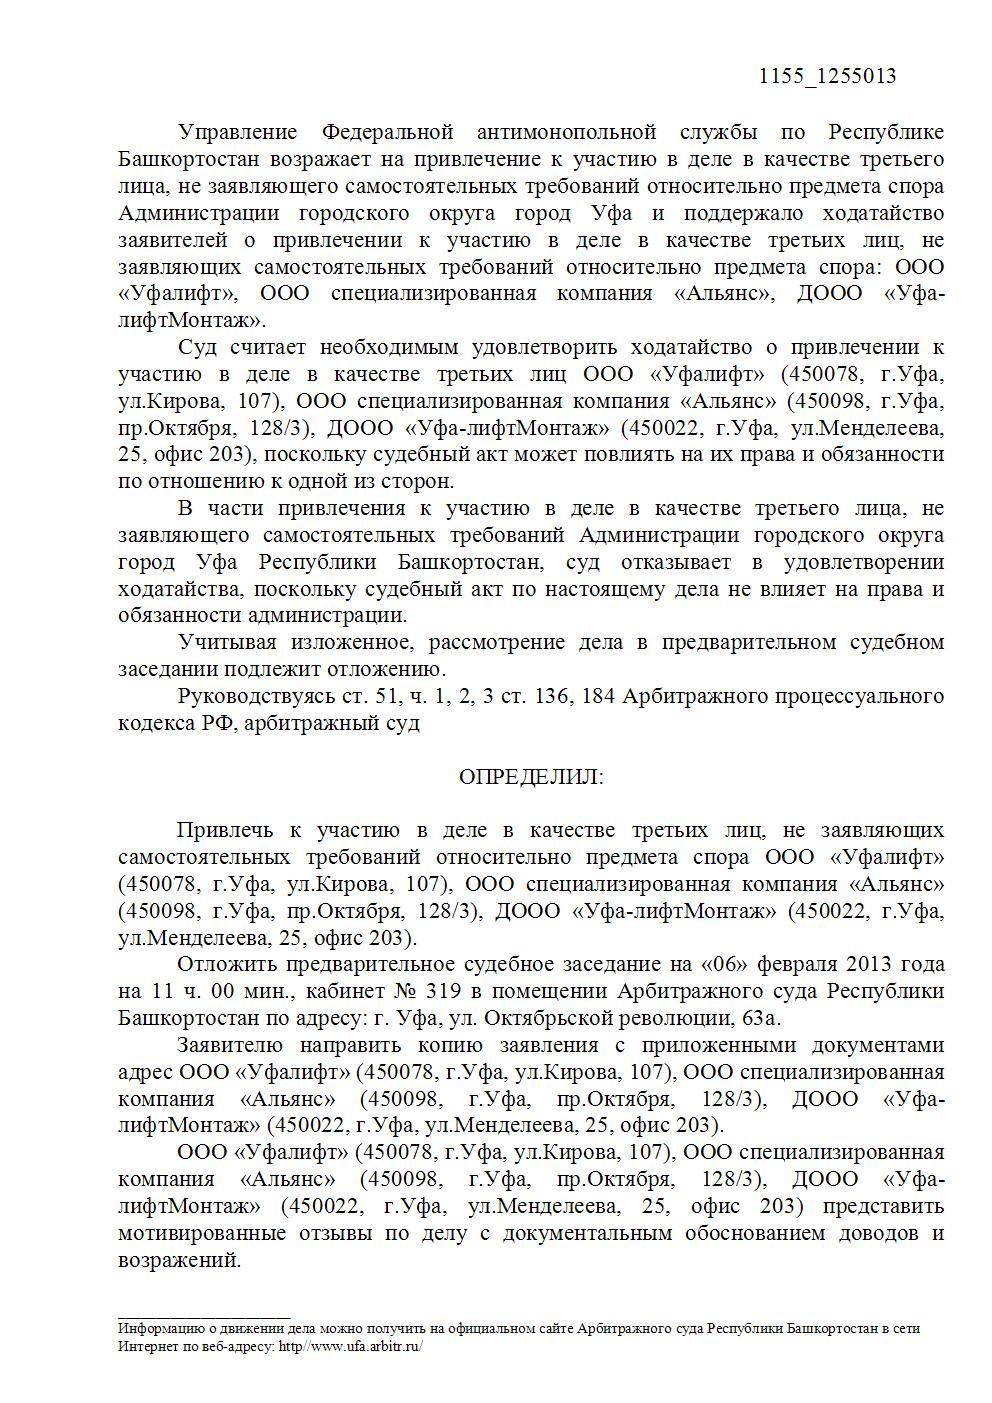 ФАС Башкирии: «Программа по замене лифтов в Уфе проходит с нарушением антимонопольного законодательства»